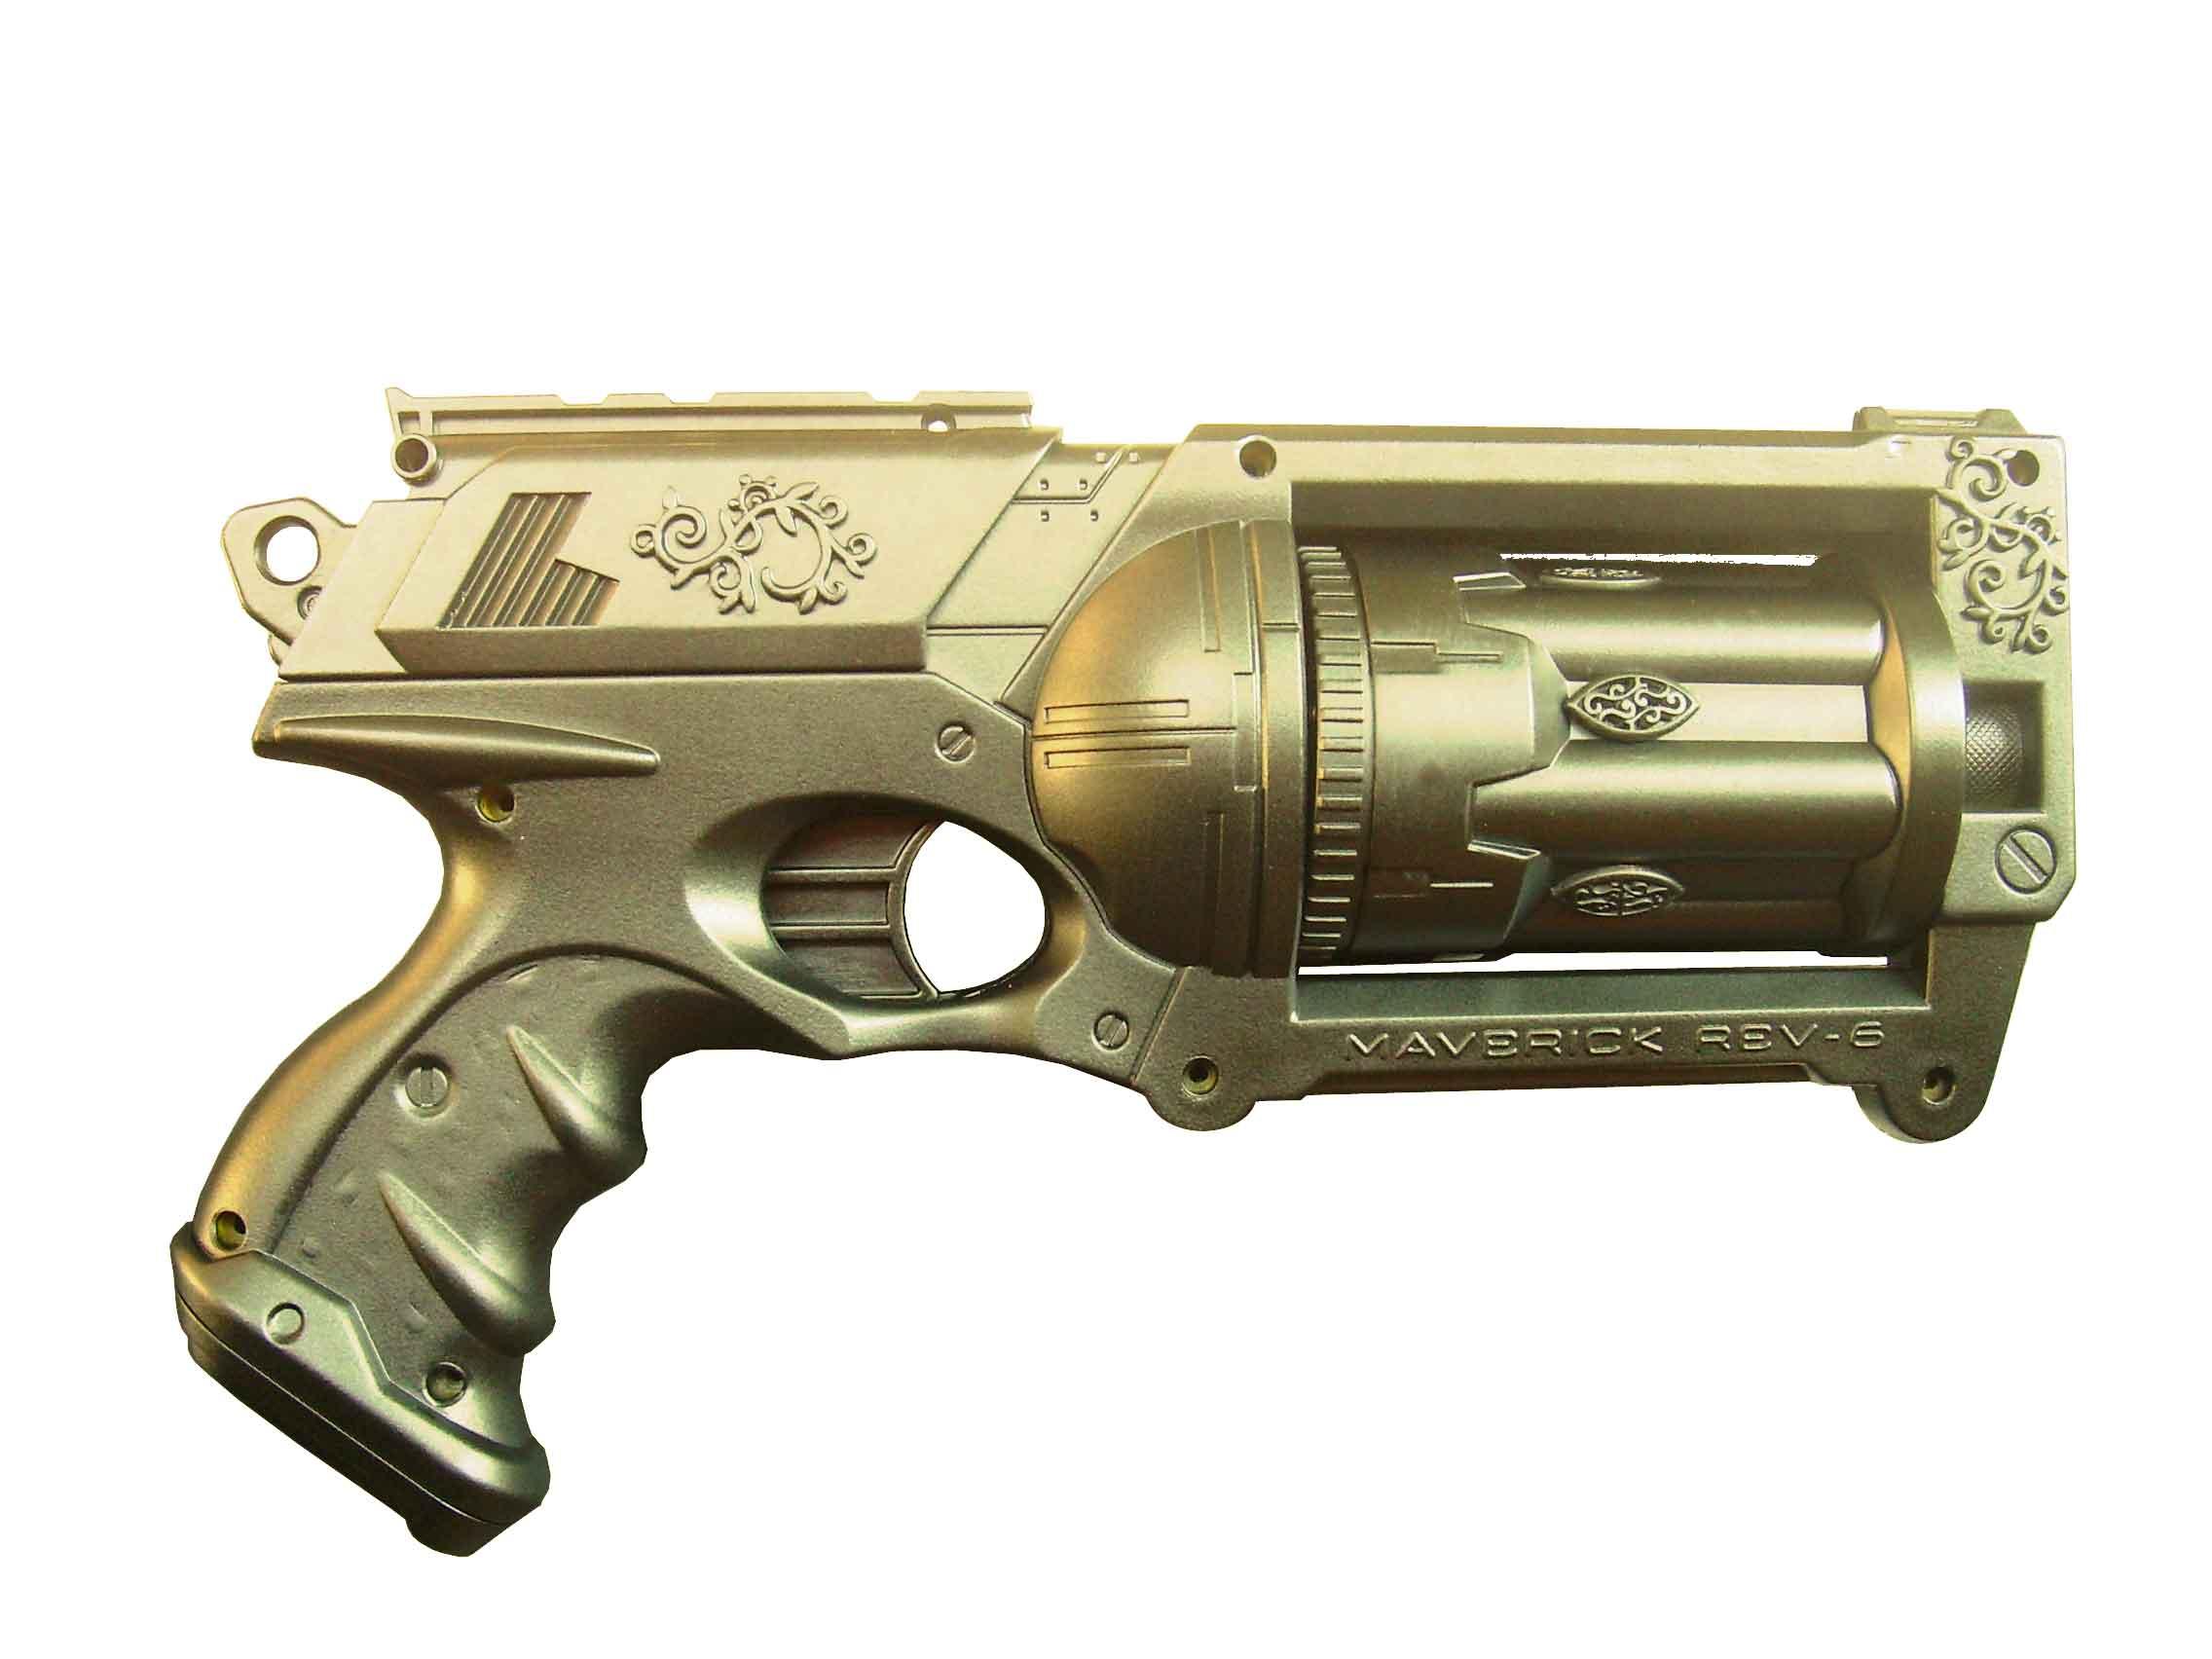 Nerf Maverick brass